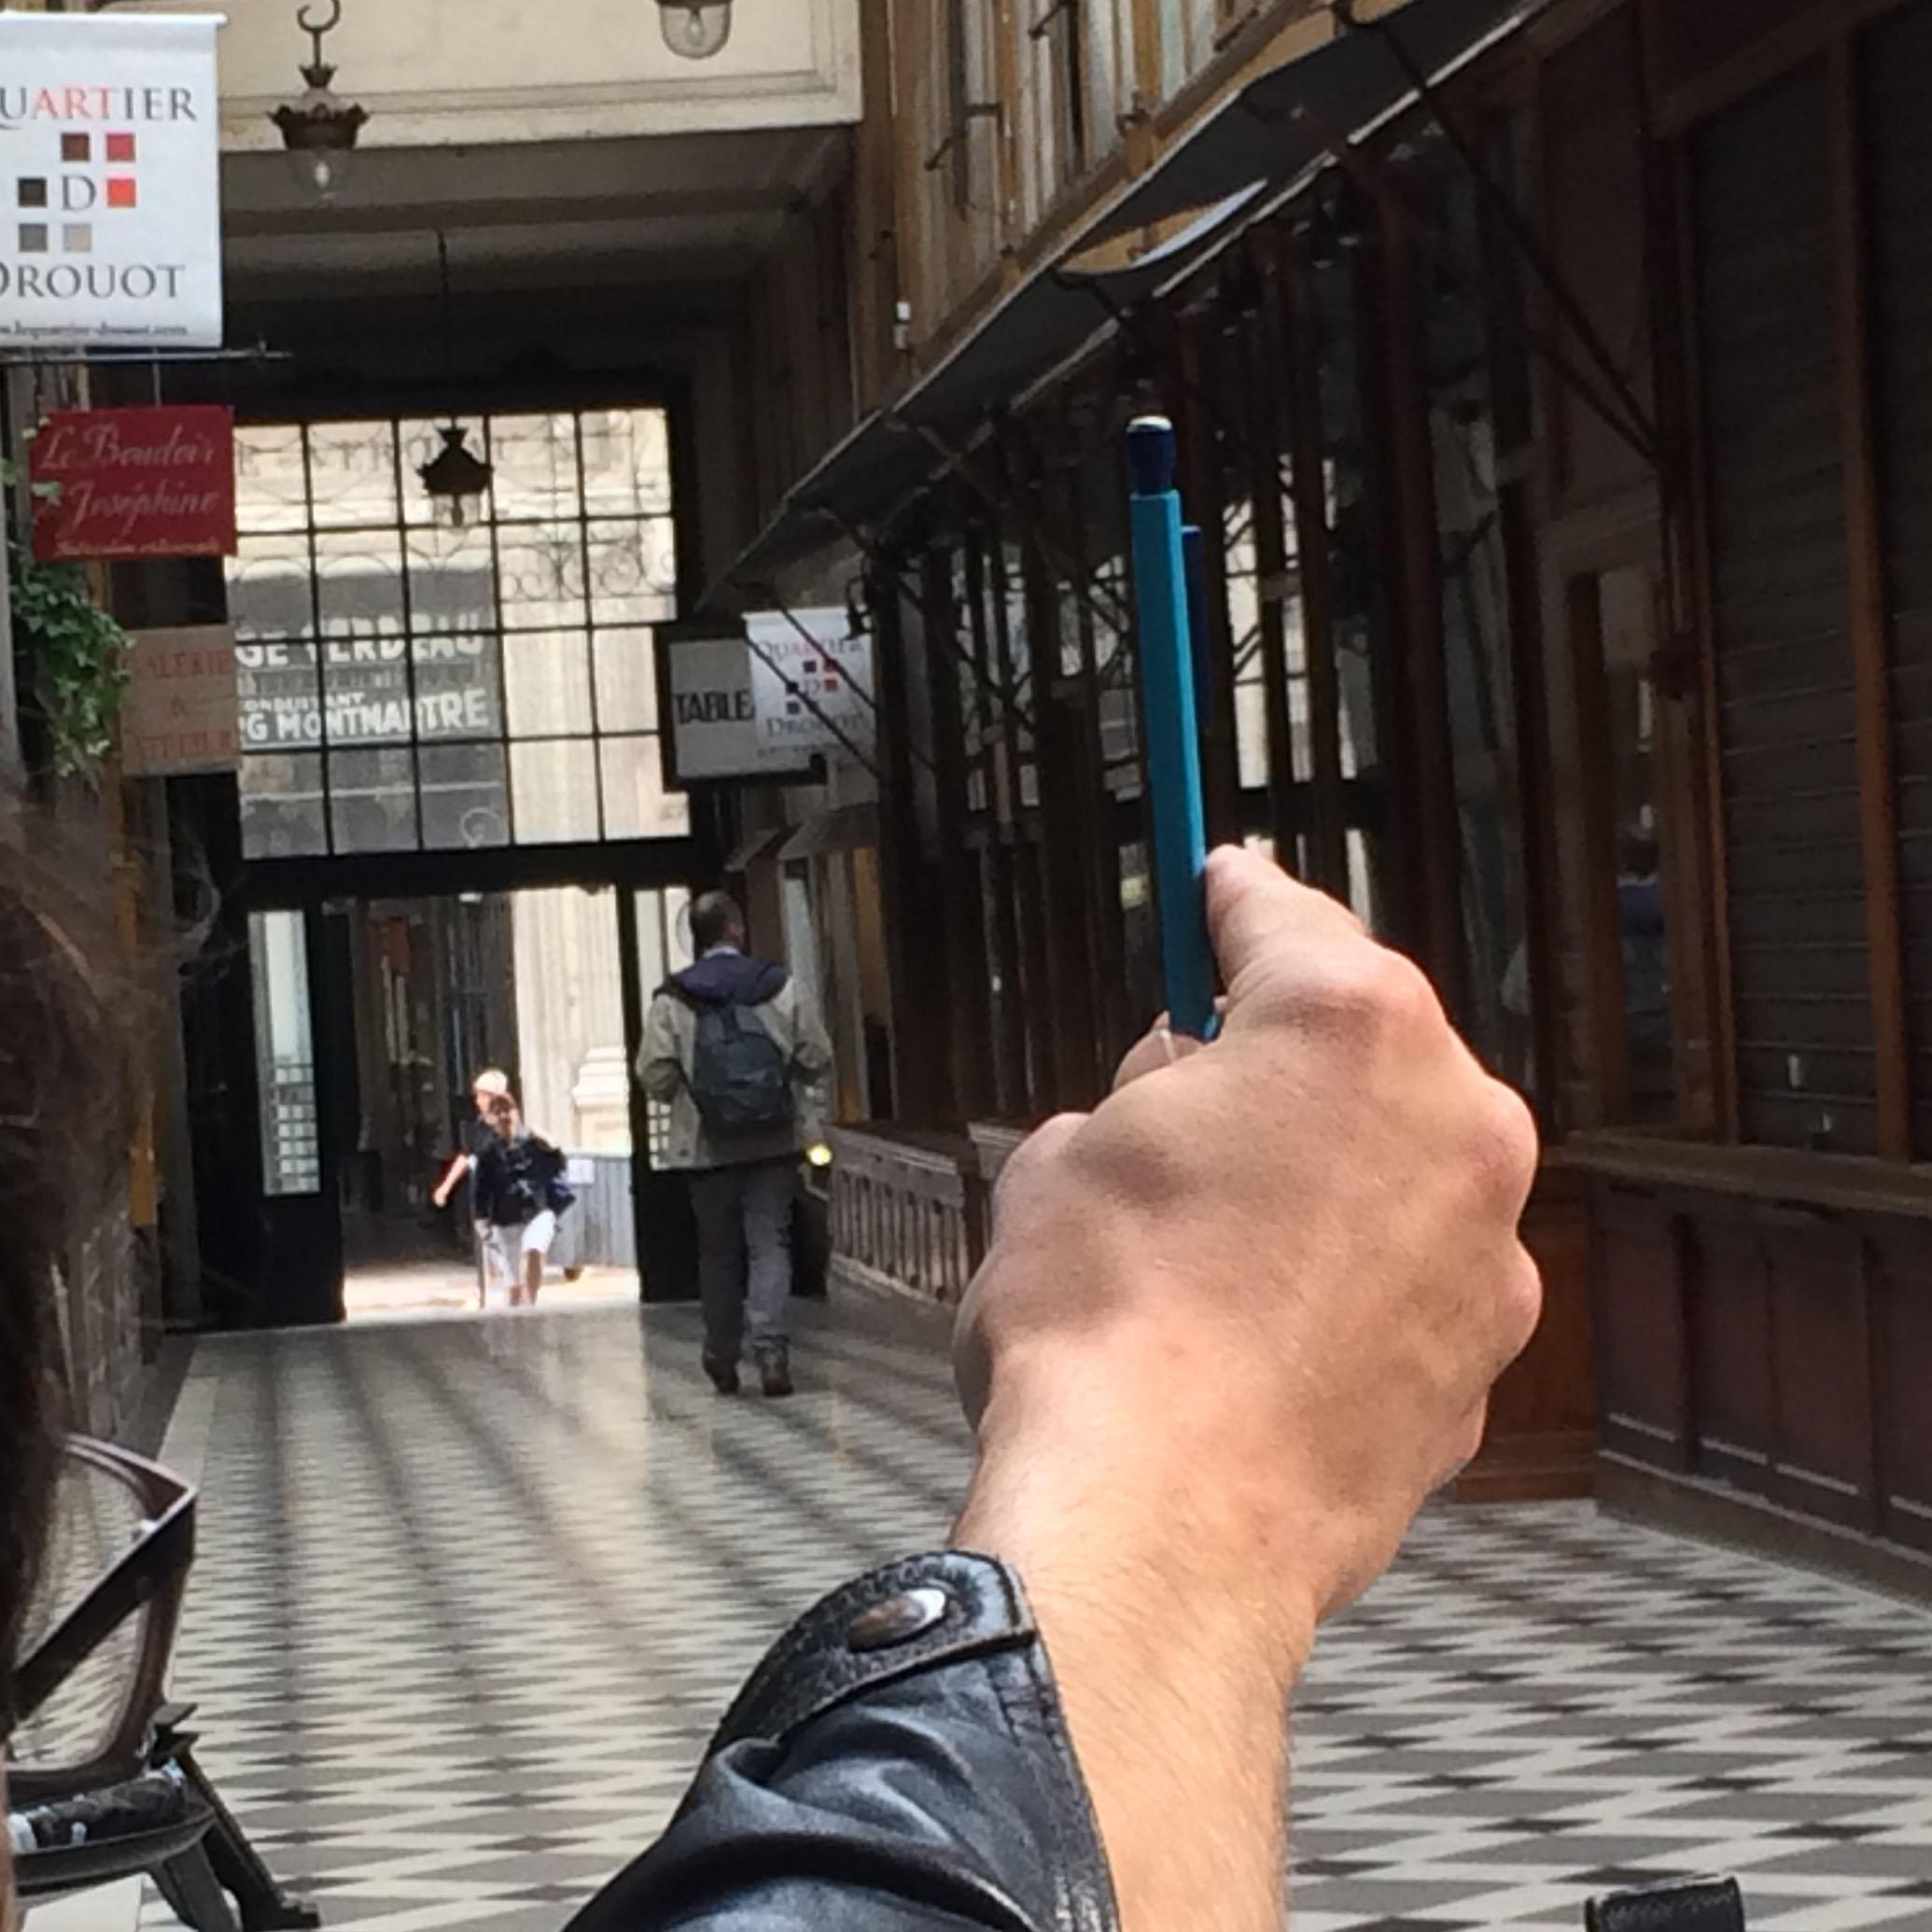 Dessin dans Paris, perspective, carnet de voyage